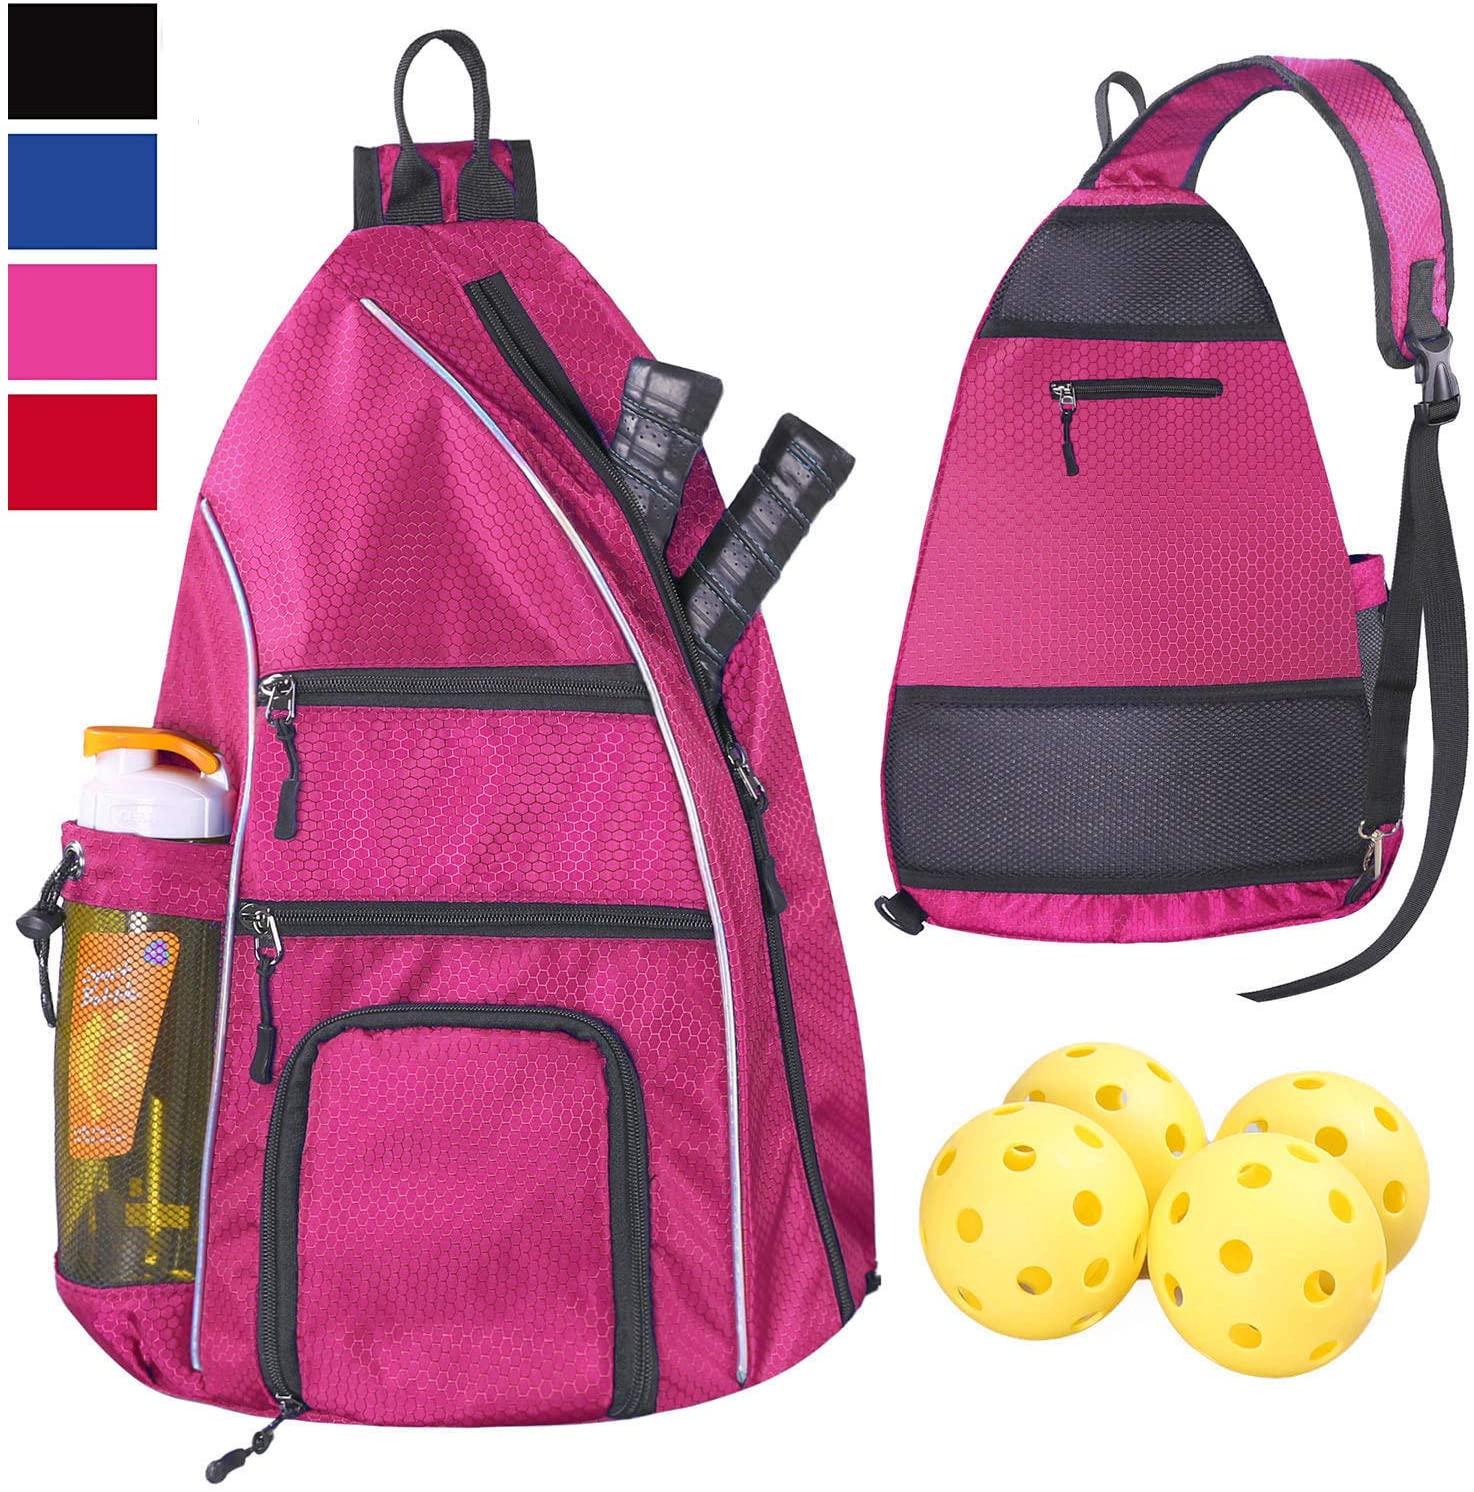 LLYWCM Pickleball Bag | Sling Bags - Reversible Crossbody Sling Backpack for Pickleball Paddle, Tennis, Pickleball Racket and Travel for Women Men